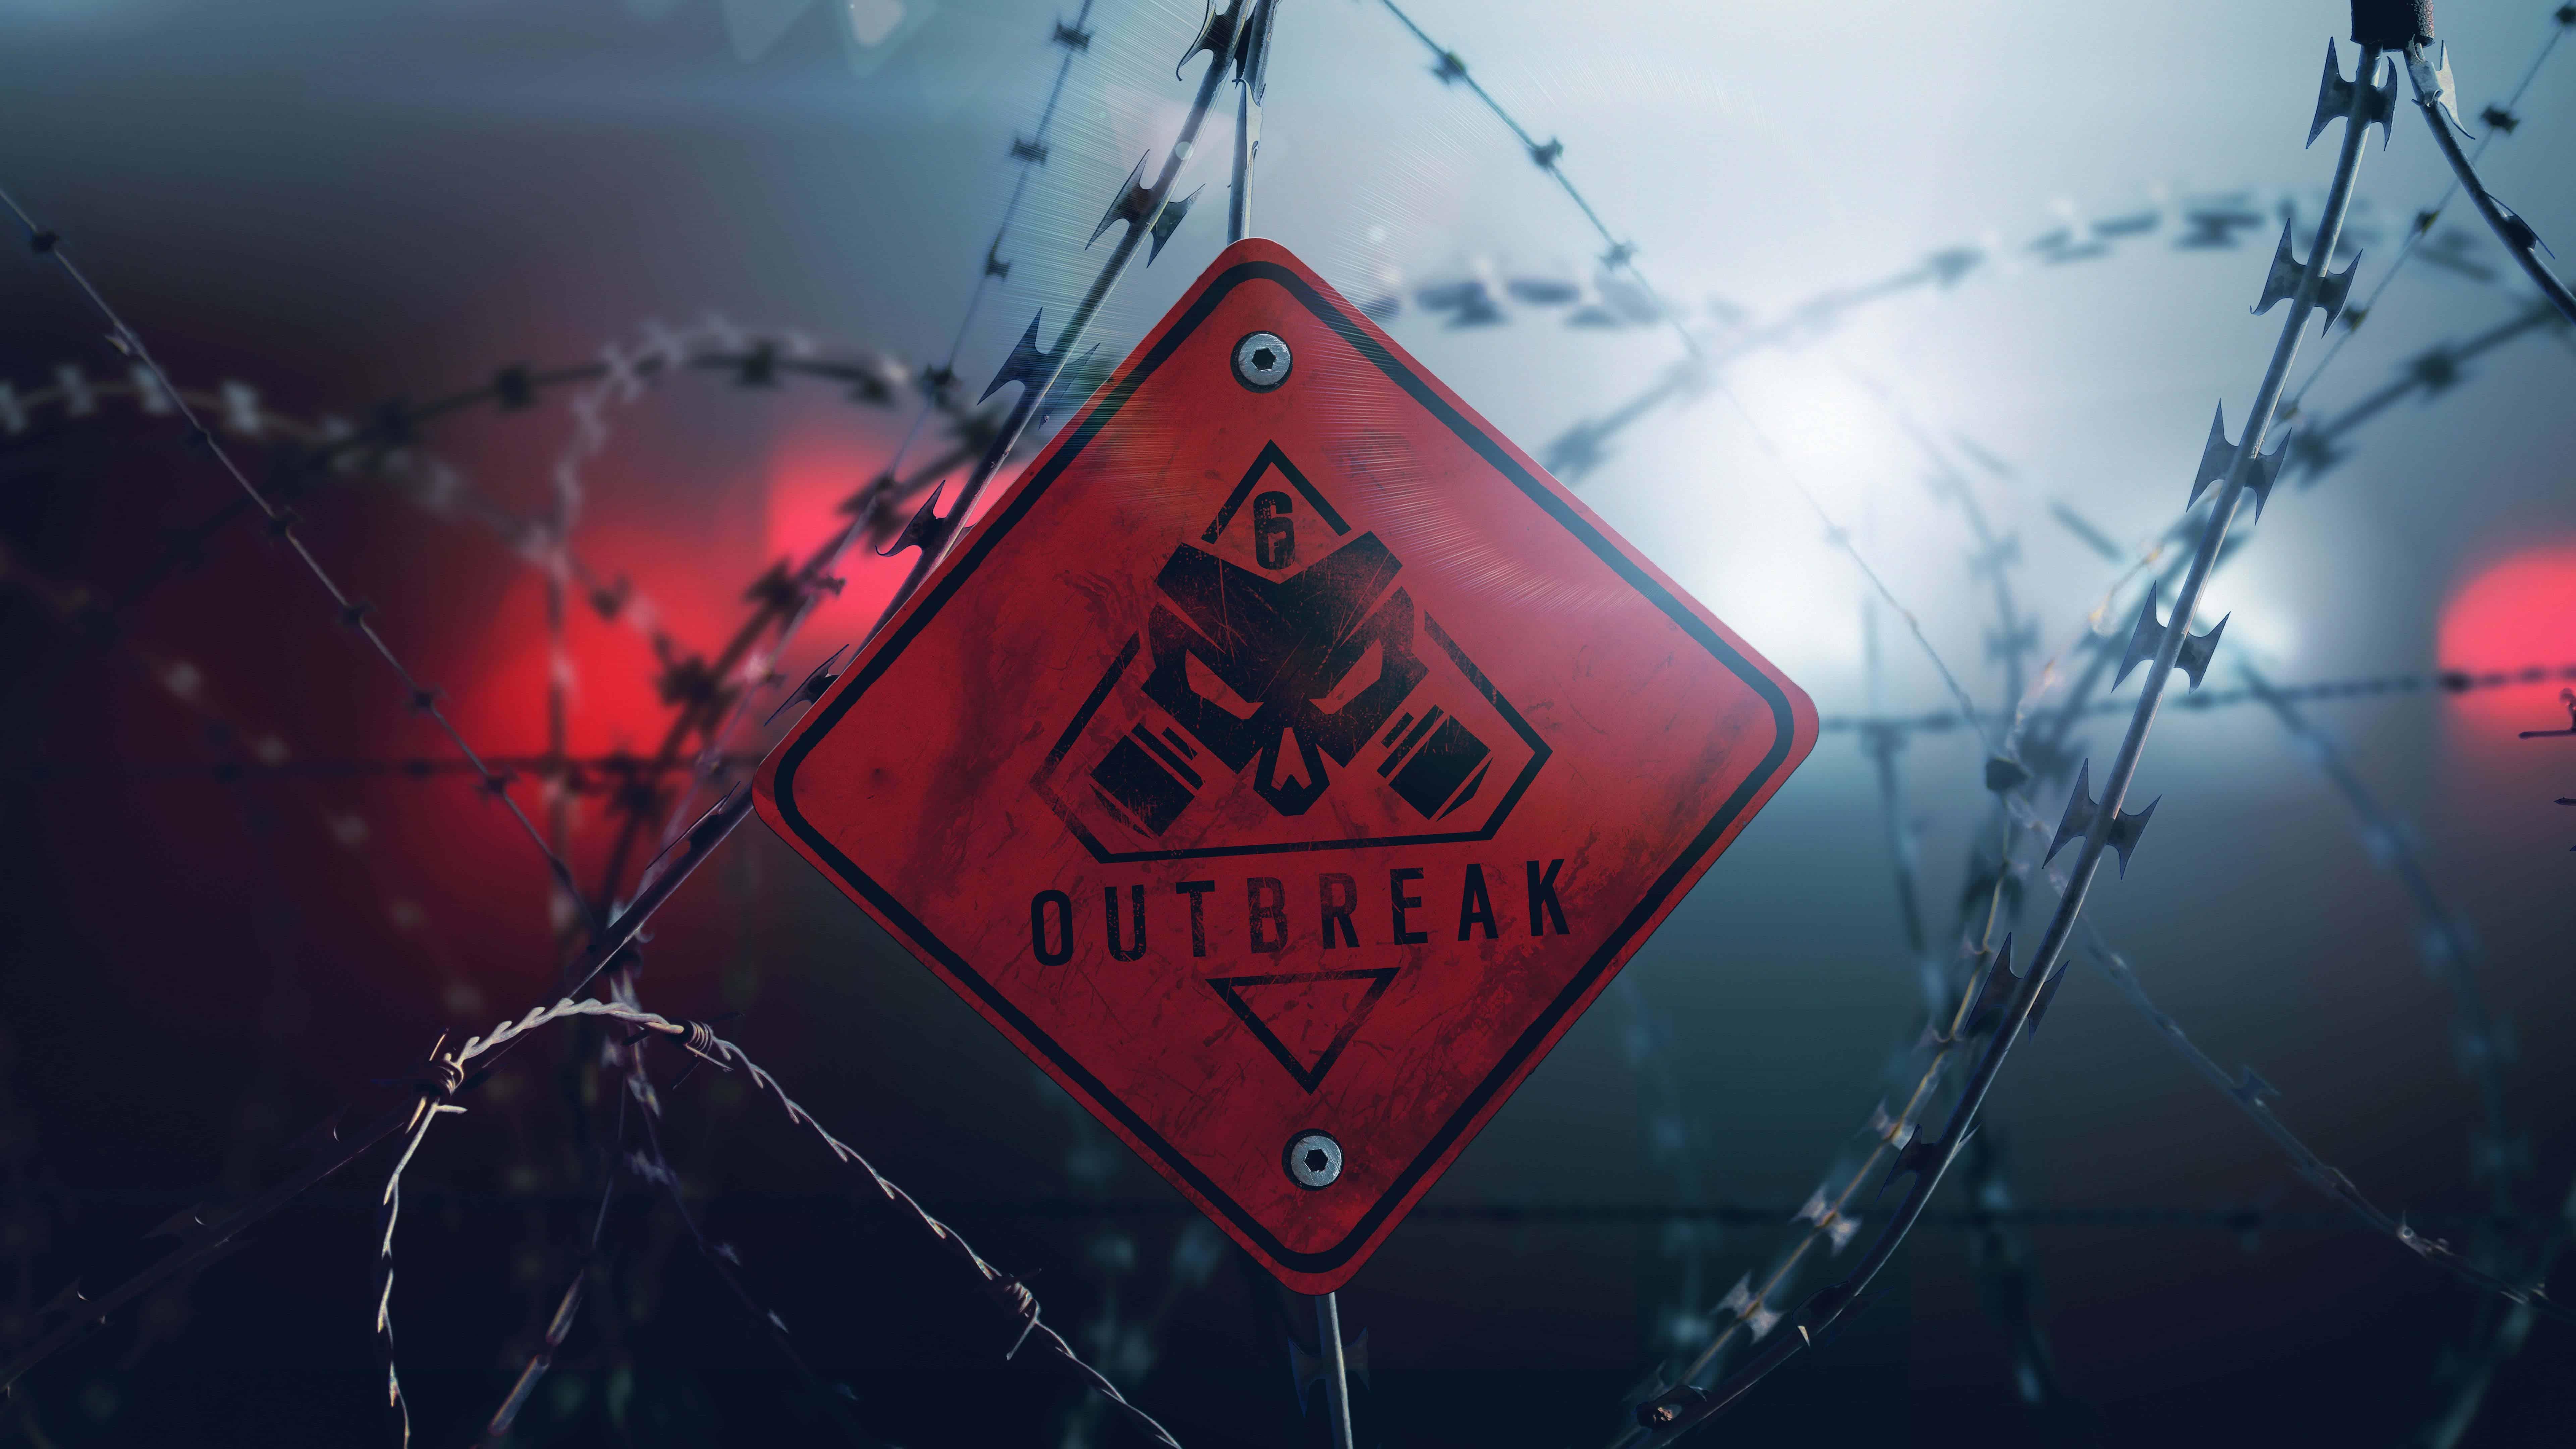 rainbow six siege outbreak uhd 8k wallpaper